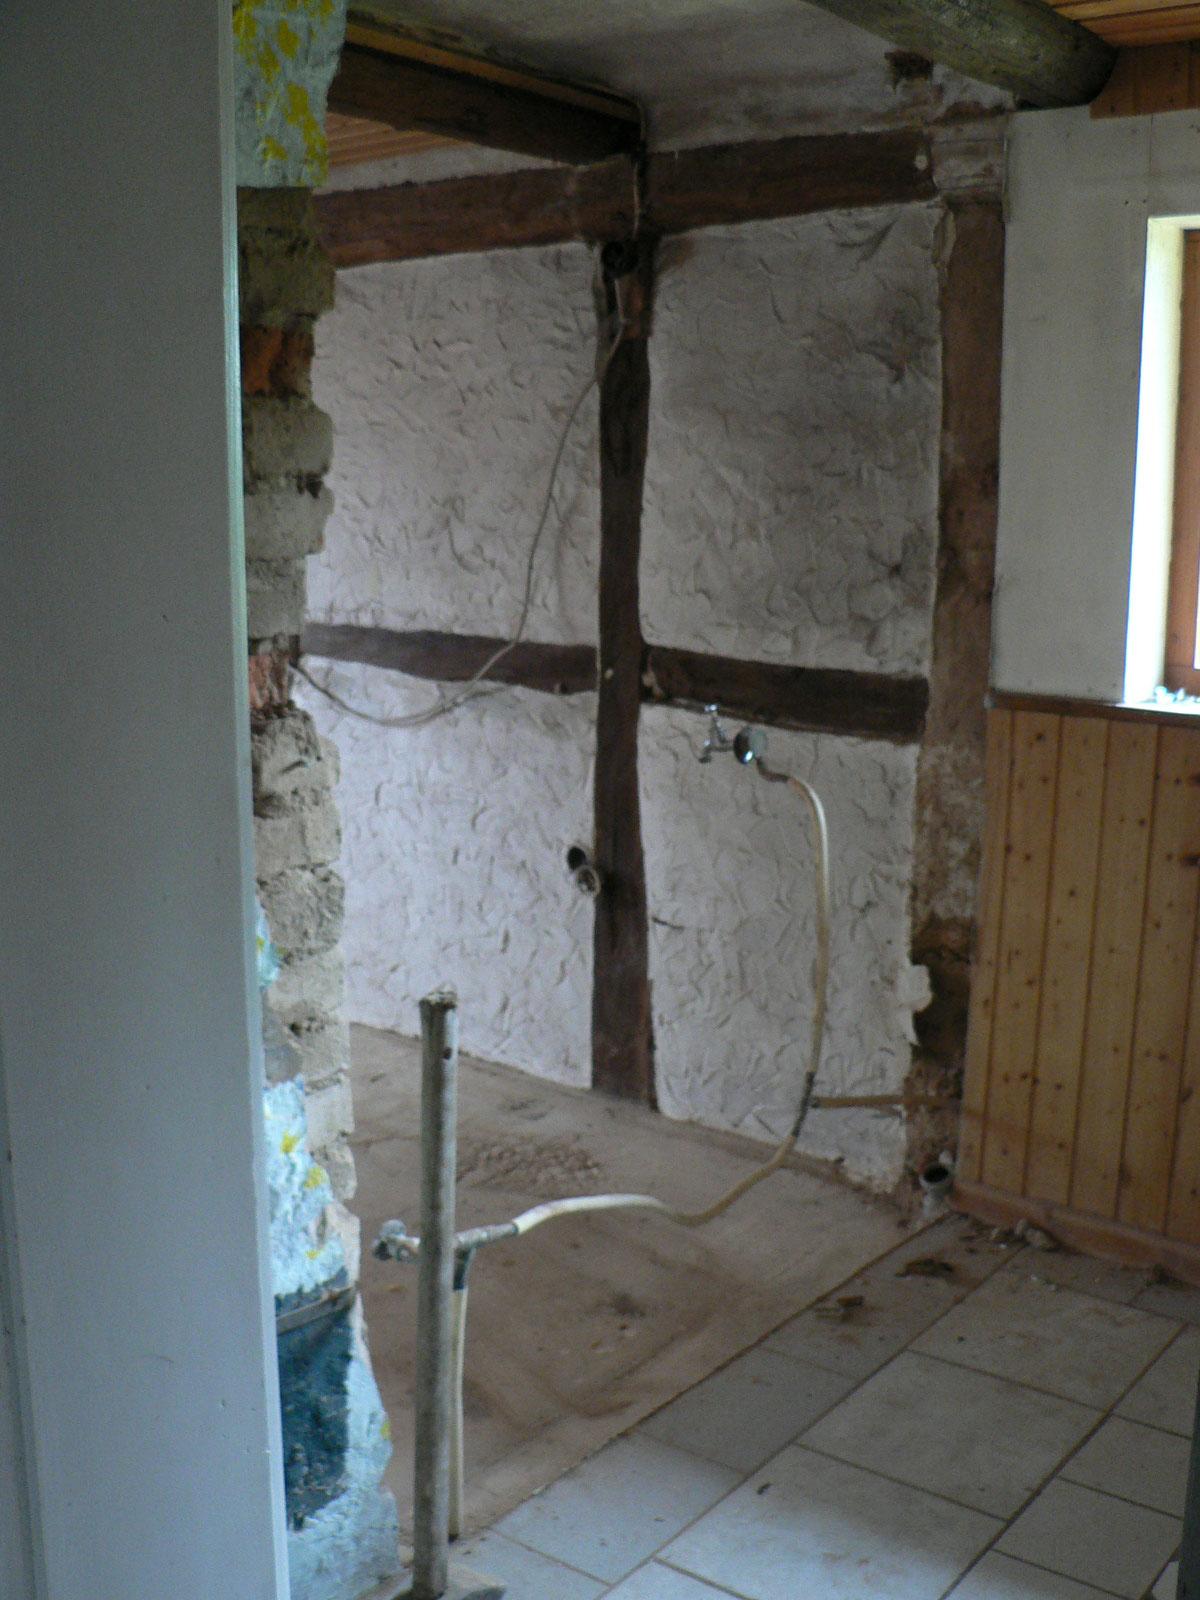 Ach, ja! Das Bad soll entstehen. Dafür war die Wand...